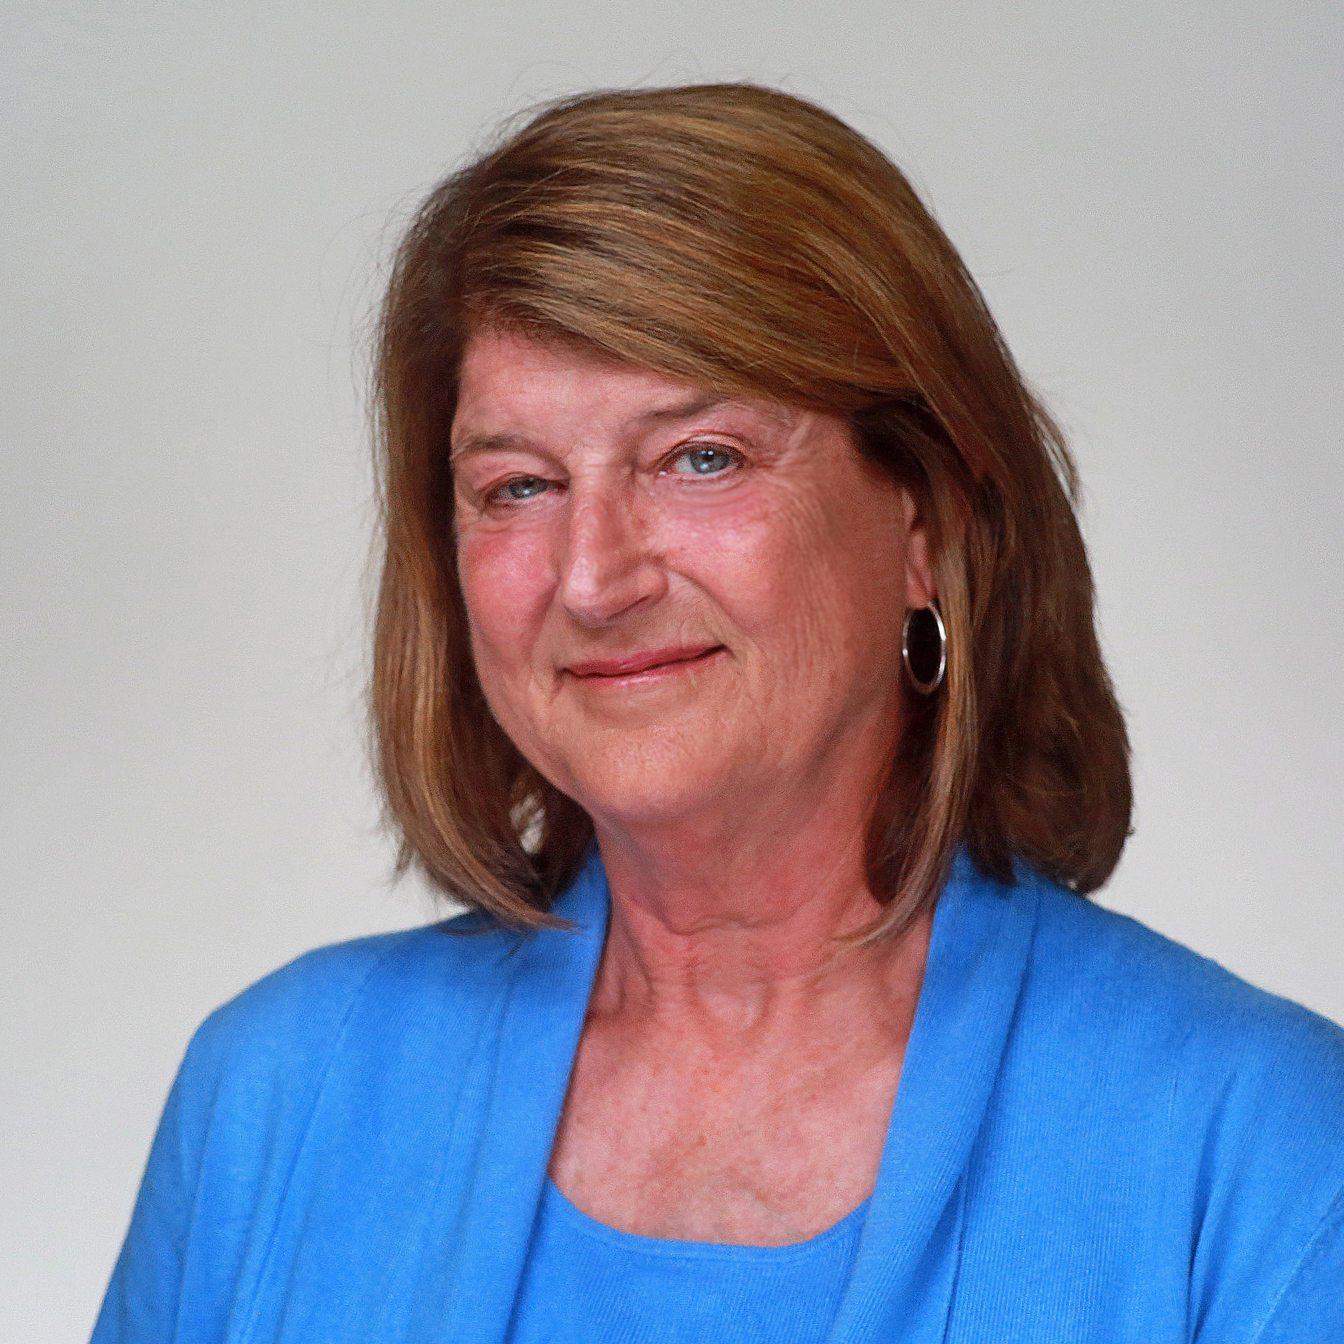 Elizabeth Sugarbaker